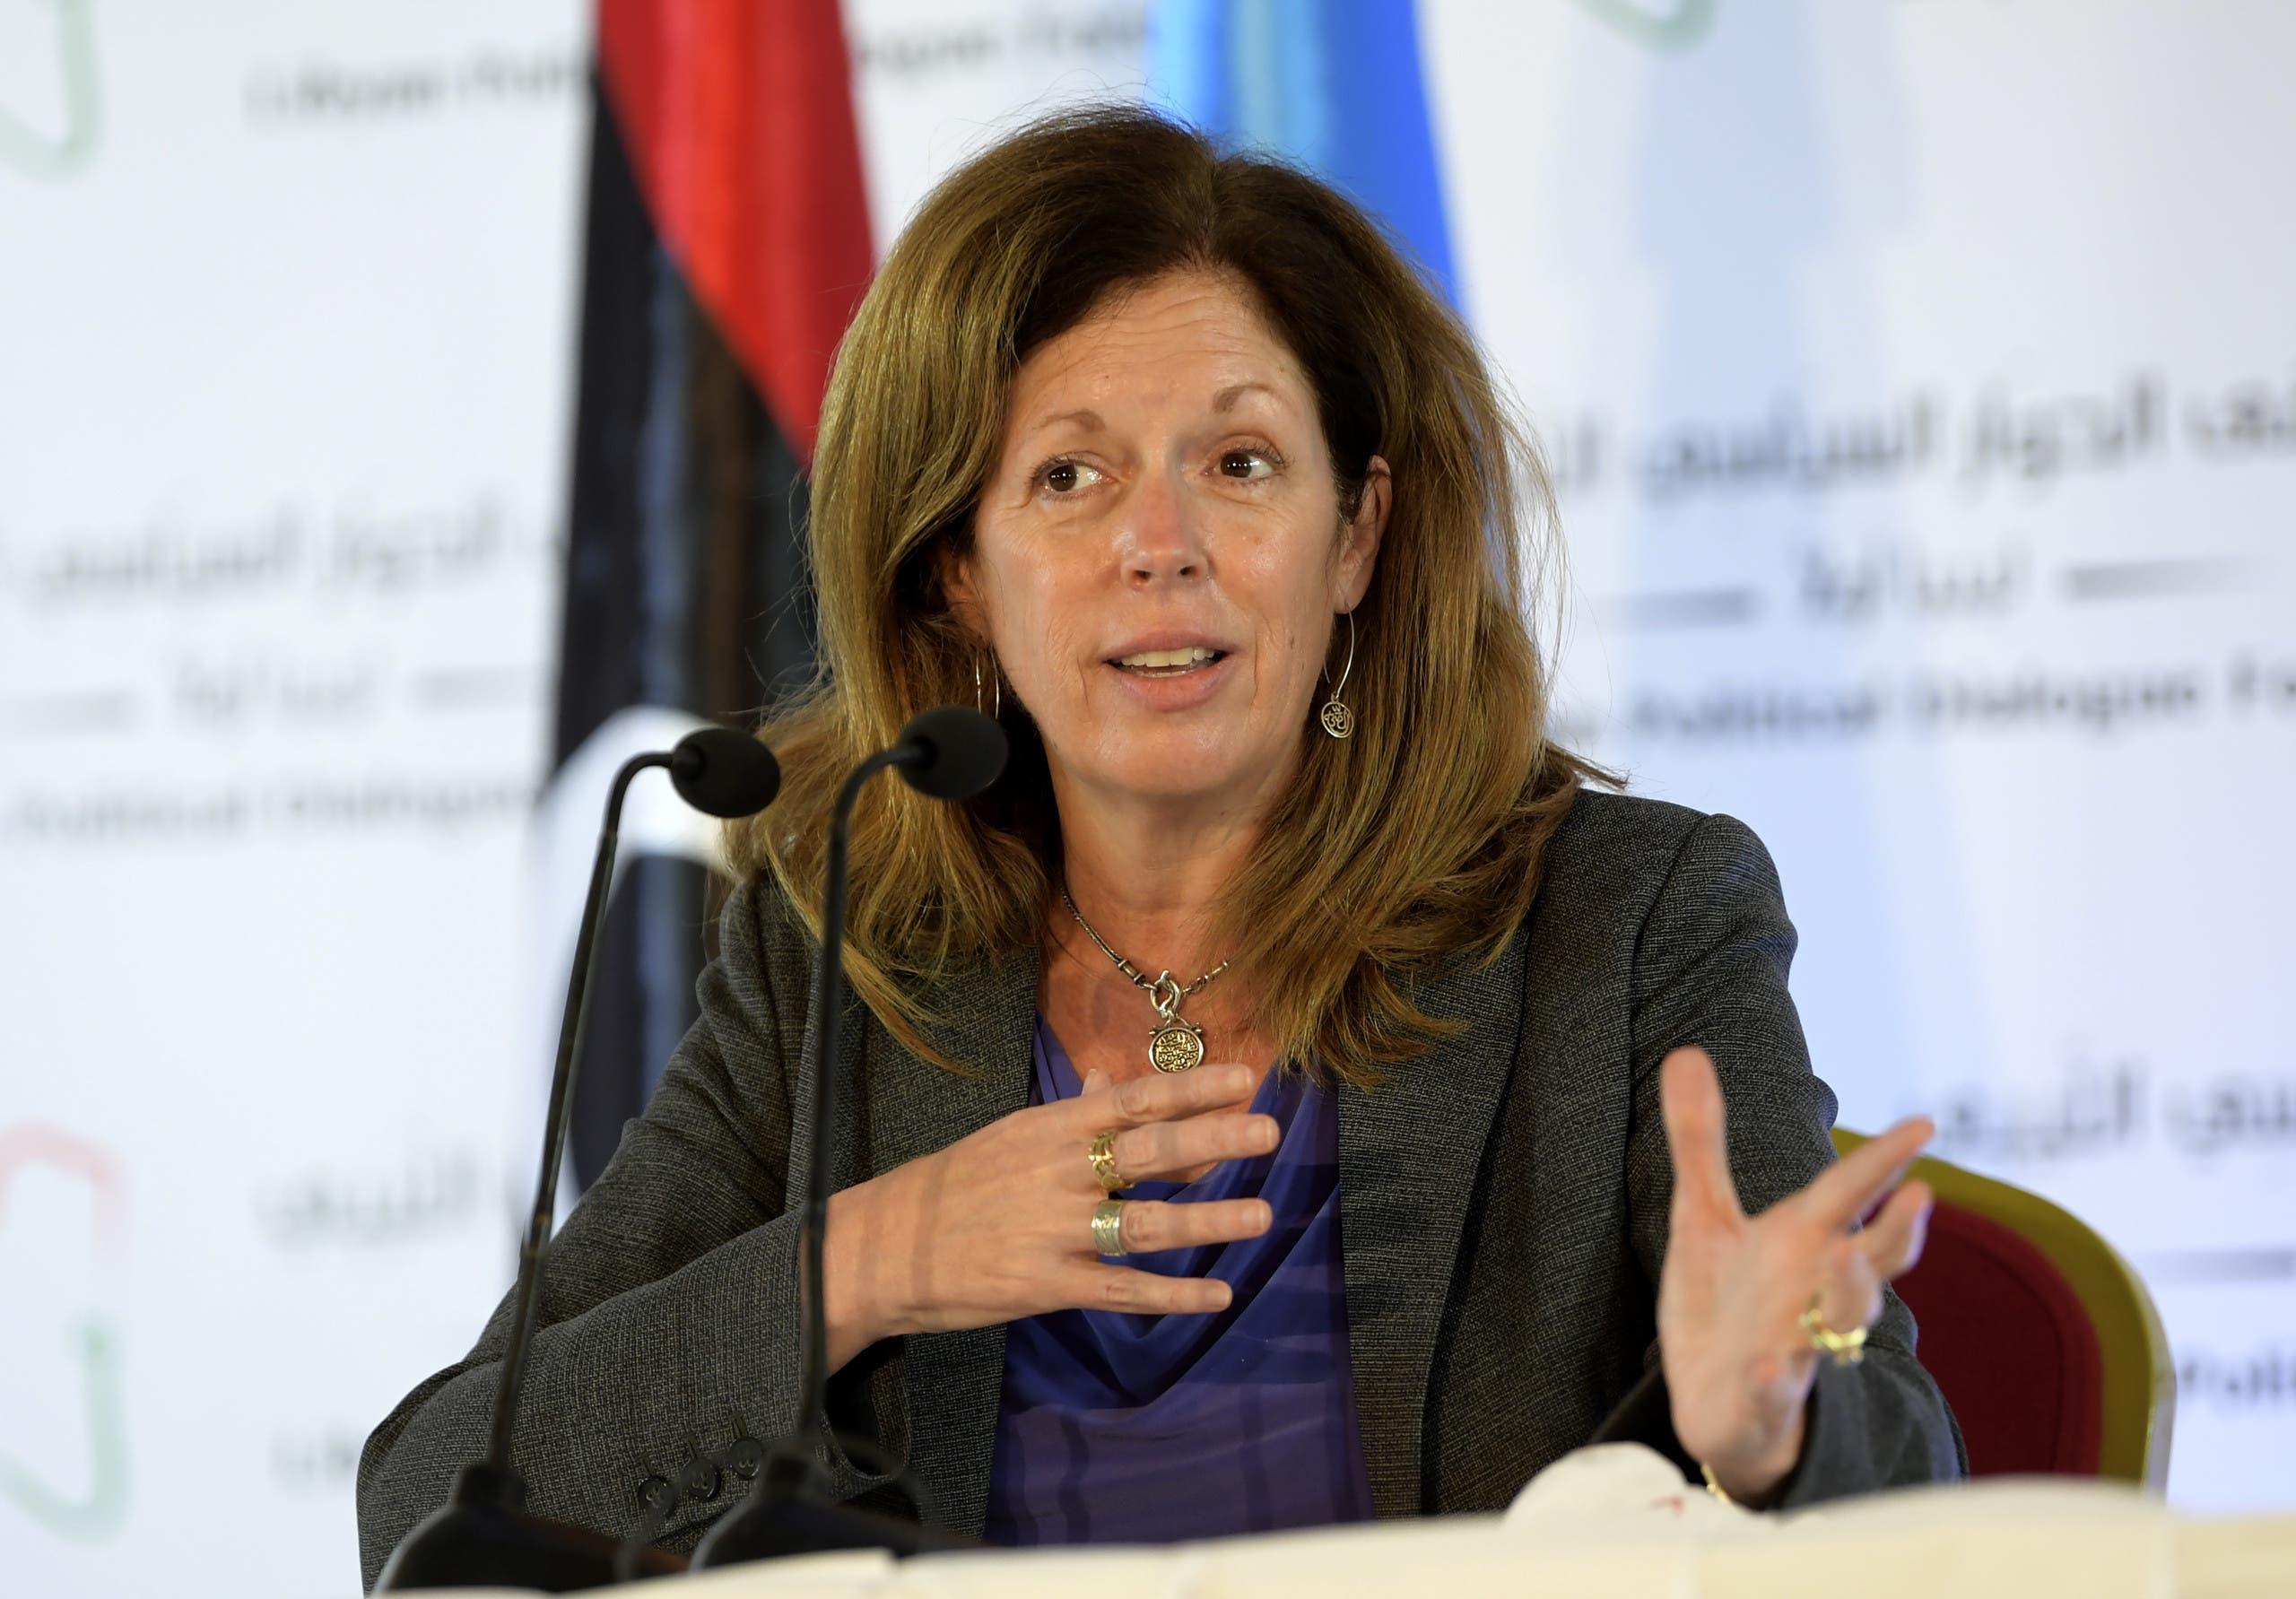 ستيفاني ويليامز، مبعوثة الأمم المتحدة بالإنابة إلى ليبيا